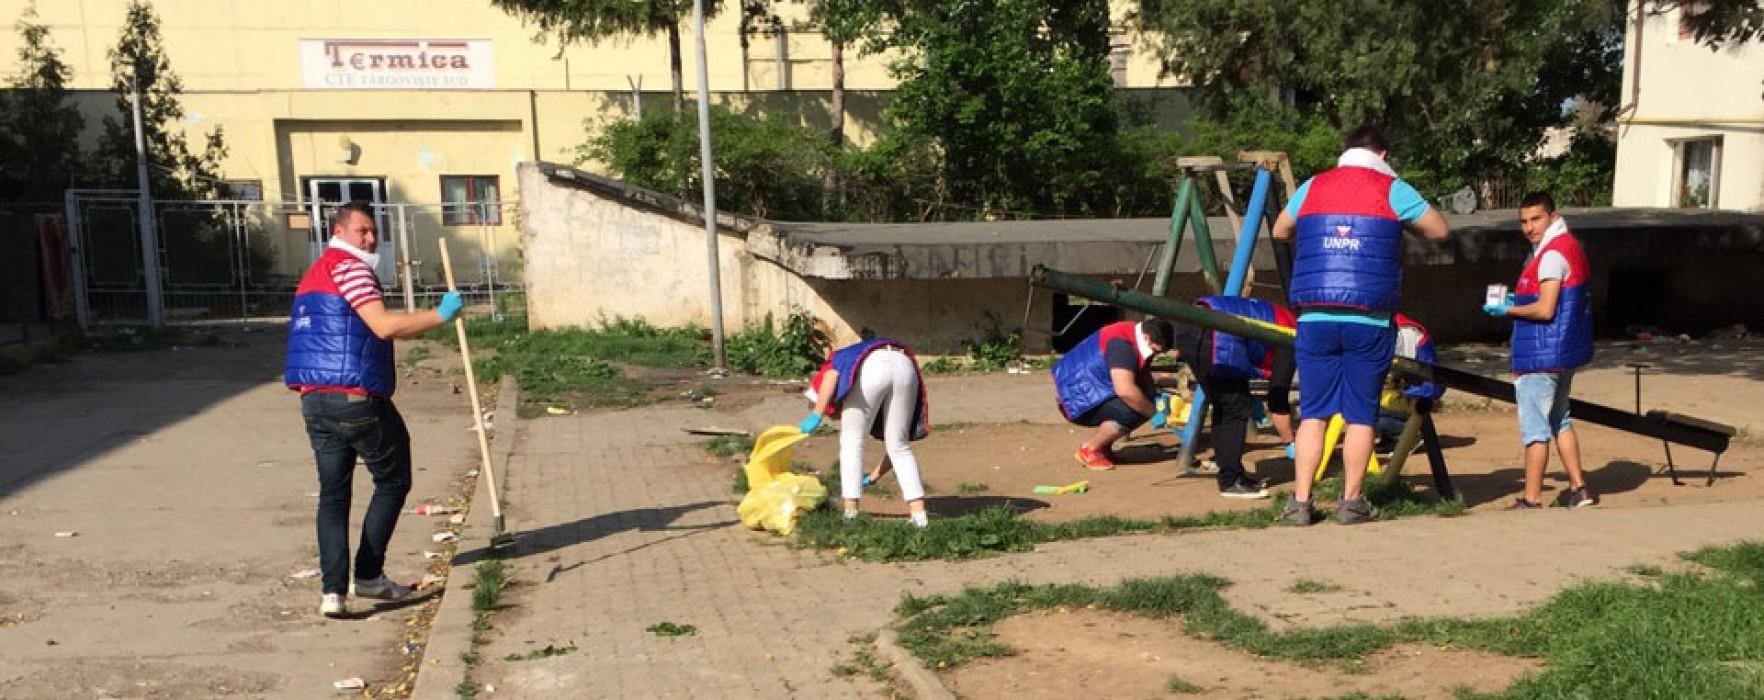 UNPR – Acţiune de informare şi ecologizare în Târgovişte